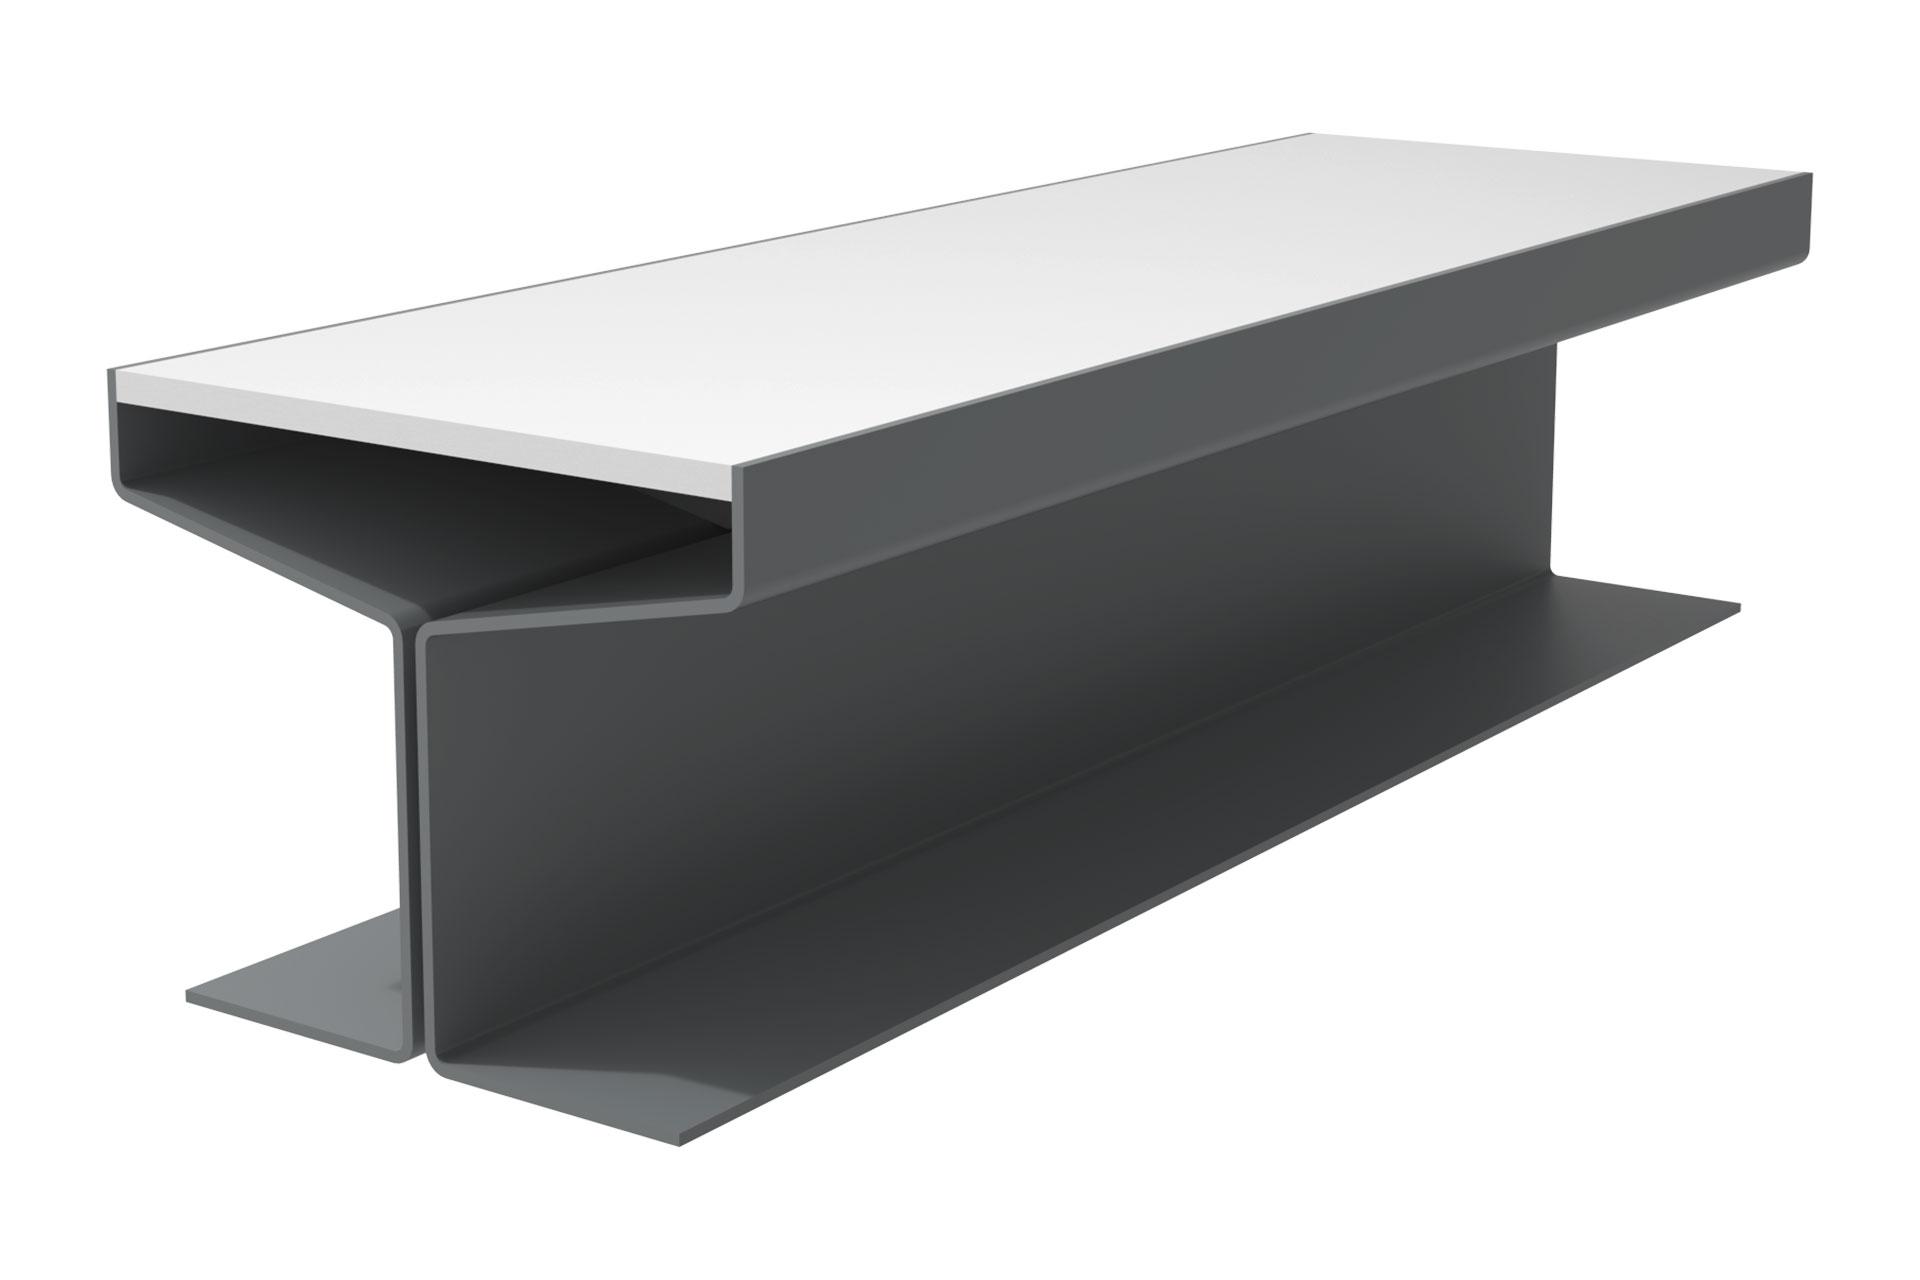 UrbanObjekts Y Sitzgelegenheit Erweiterung Glasfaserbeton Bodenplatte